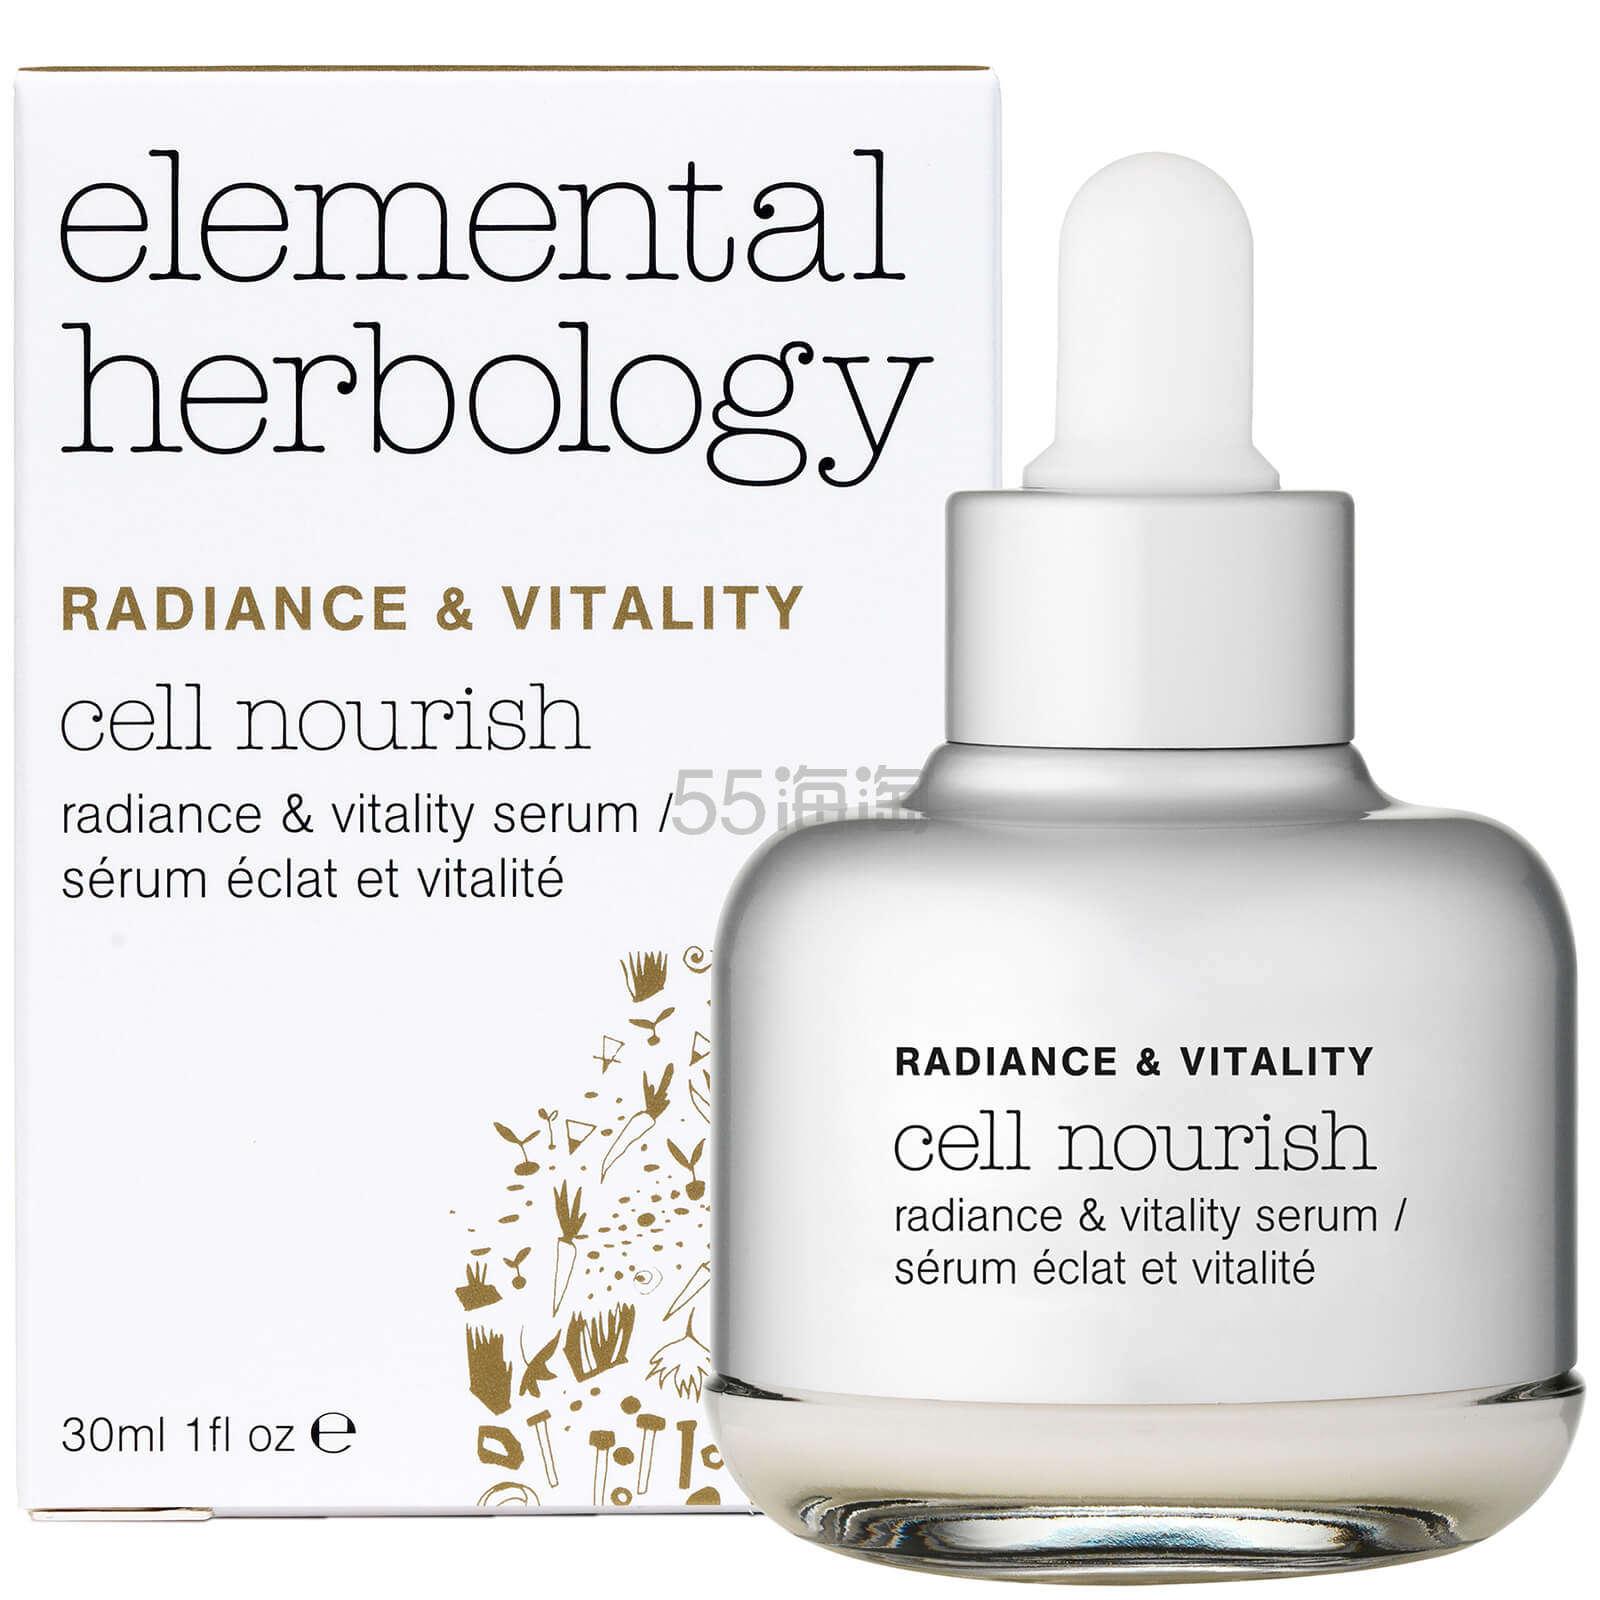 【7.5折】Elemental Herbology 伊荷细胞奇肌修护精华 30ml